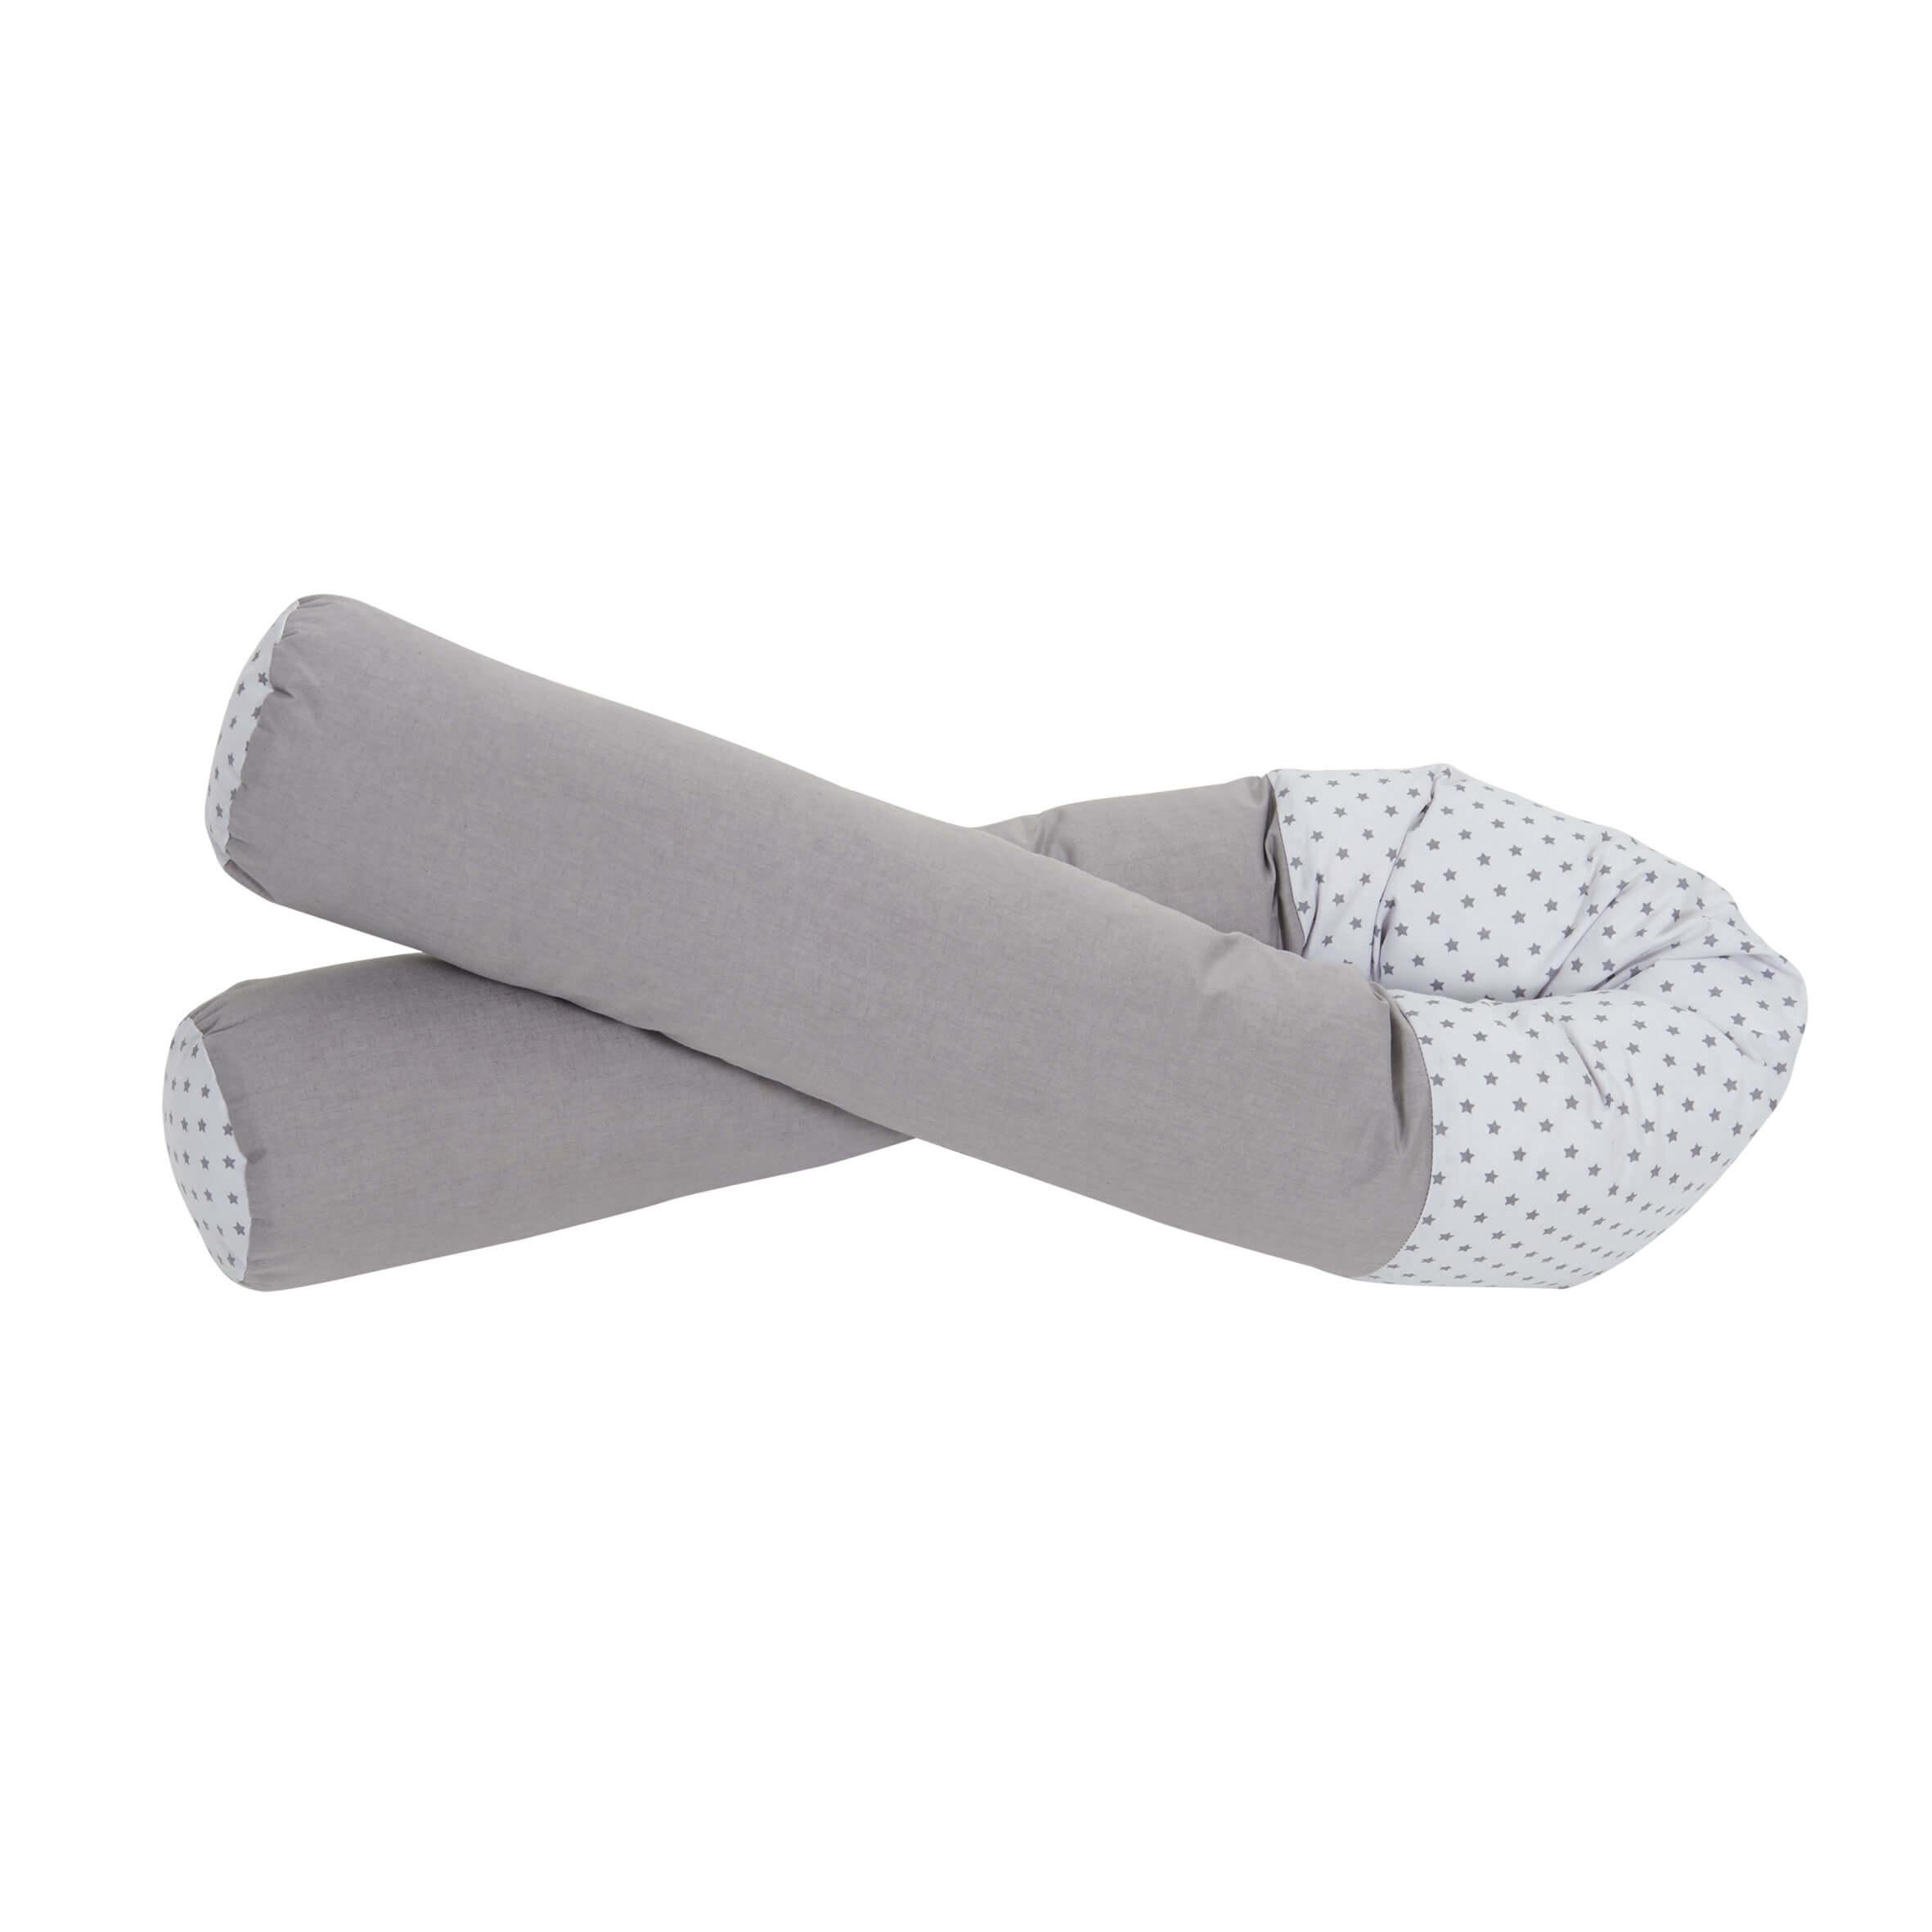 Tineo coussin de maternit/é gris imprim/é etoiles